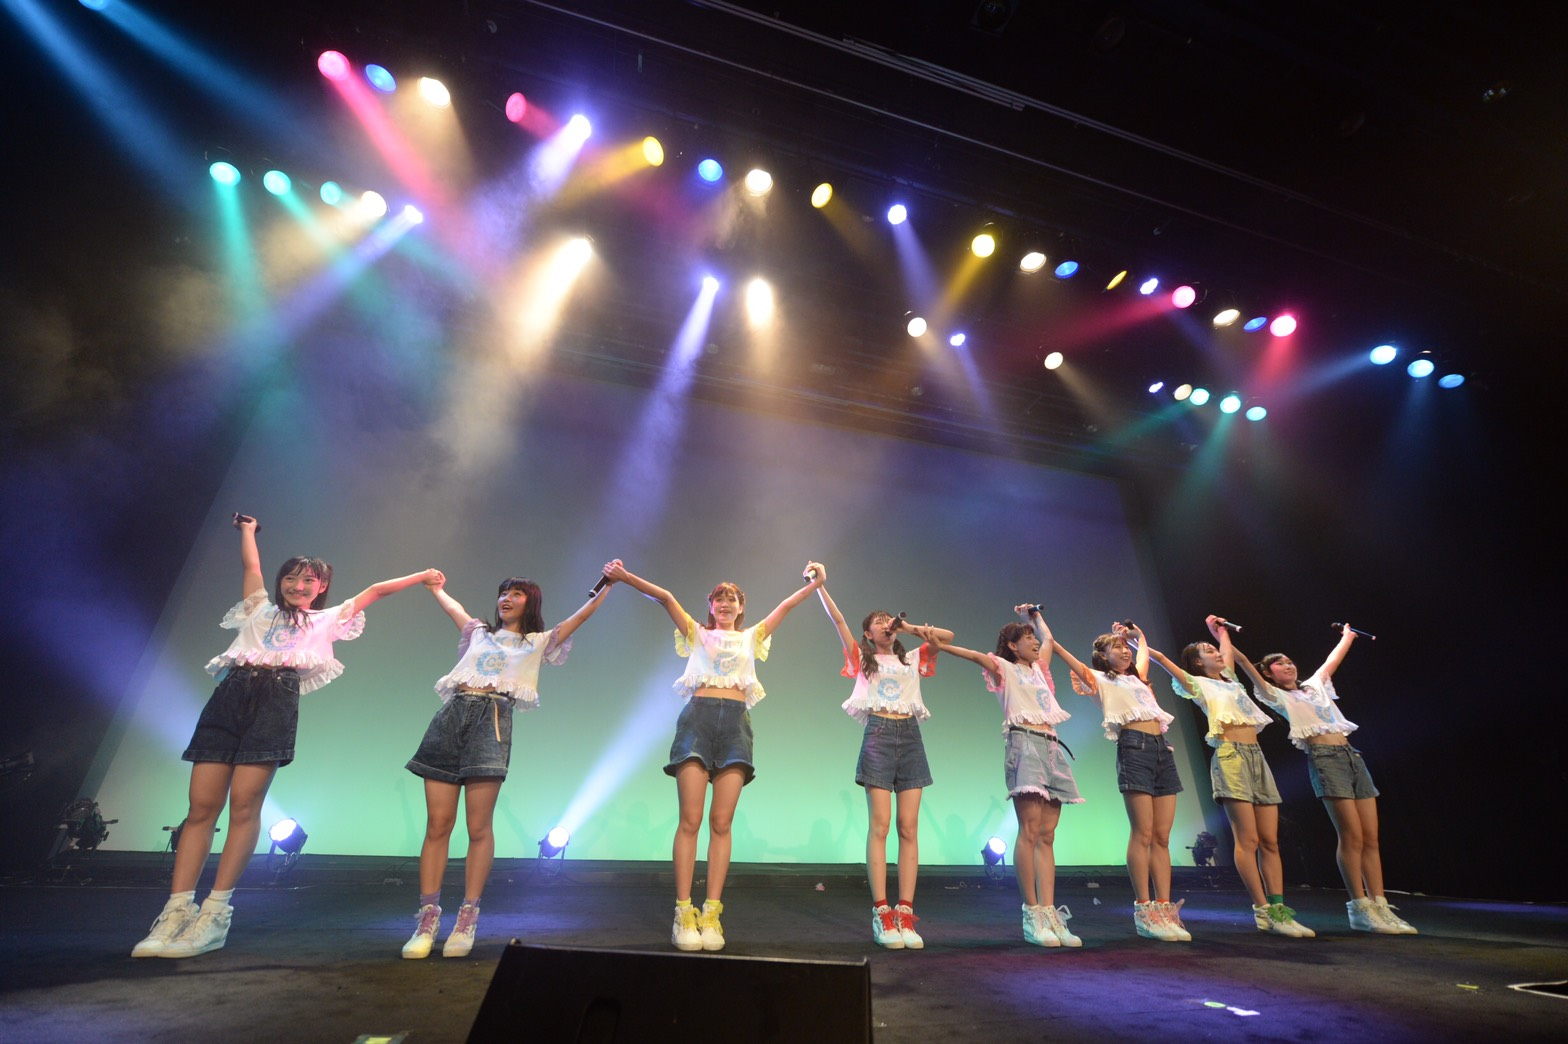 9月9日はキュートキュートの日!大盛況のデビュー直前ワンマンライブ!東京で一番カワイイアイドル 東京CuteCuteが舞い踊る!